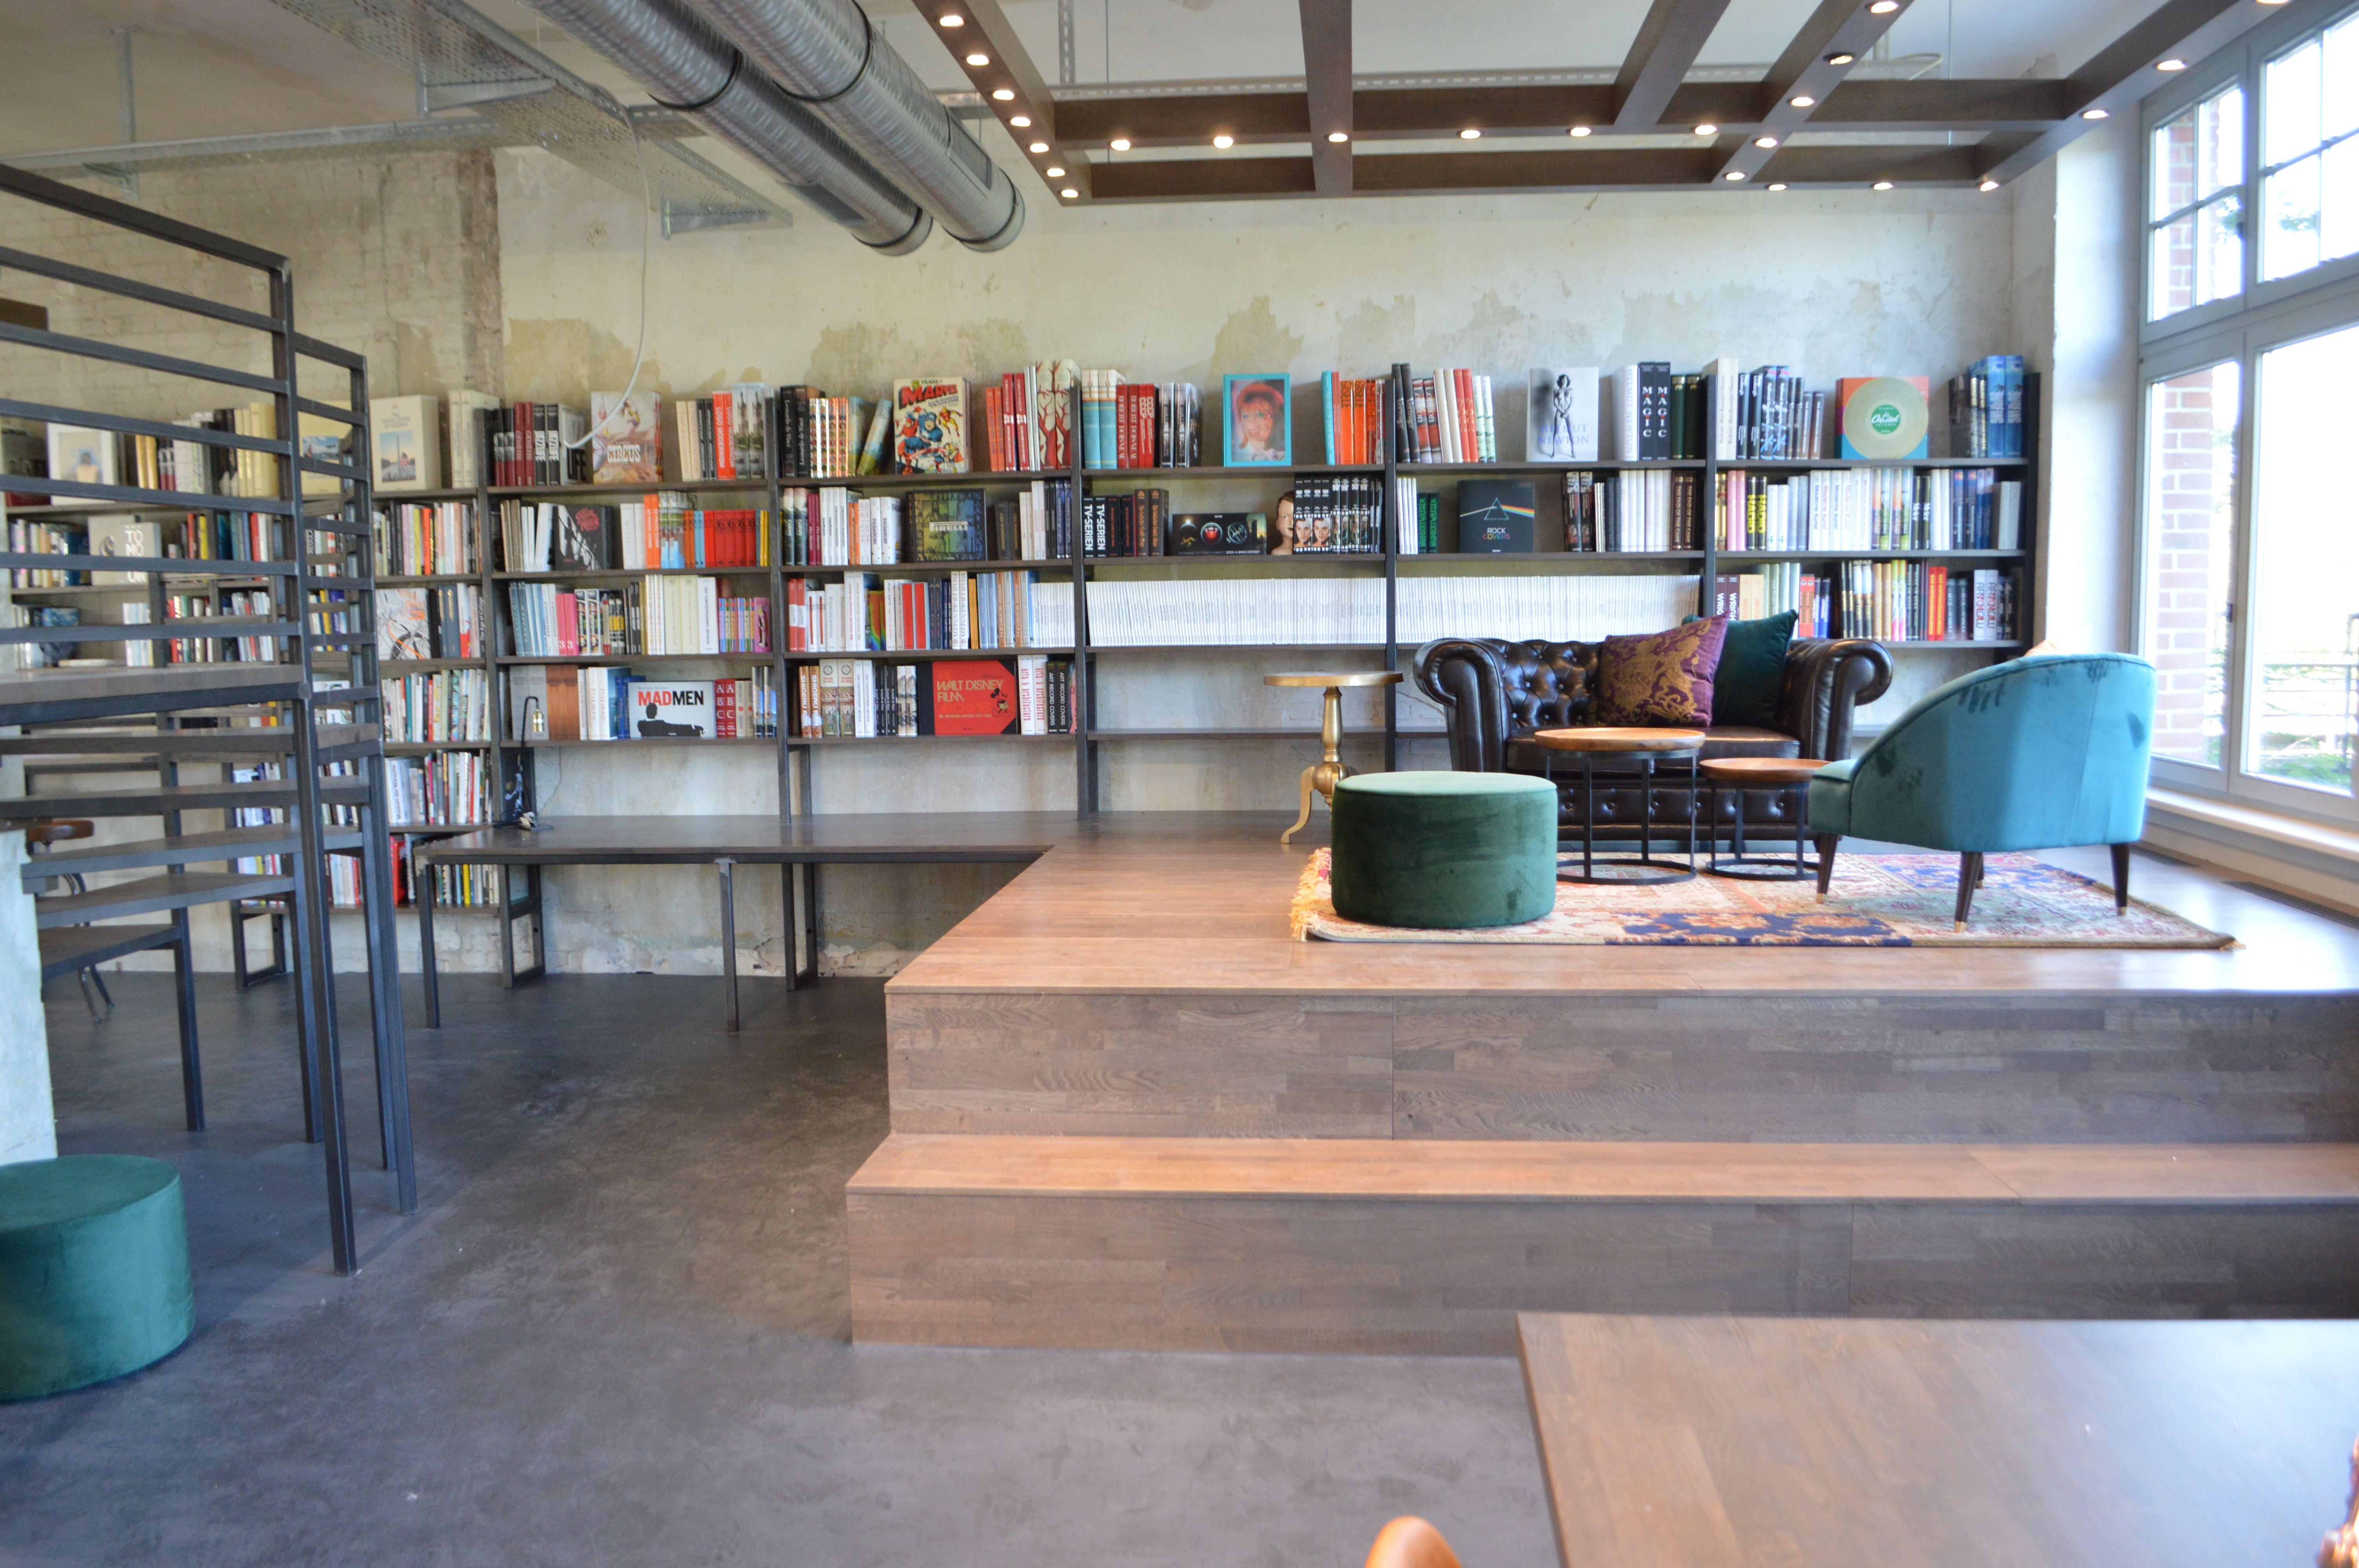 Sitzmoglichkeiten Bibliothek Moderne Buromobel Hochwertige Mobel Buroraume